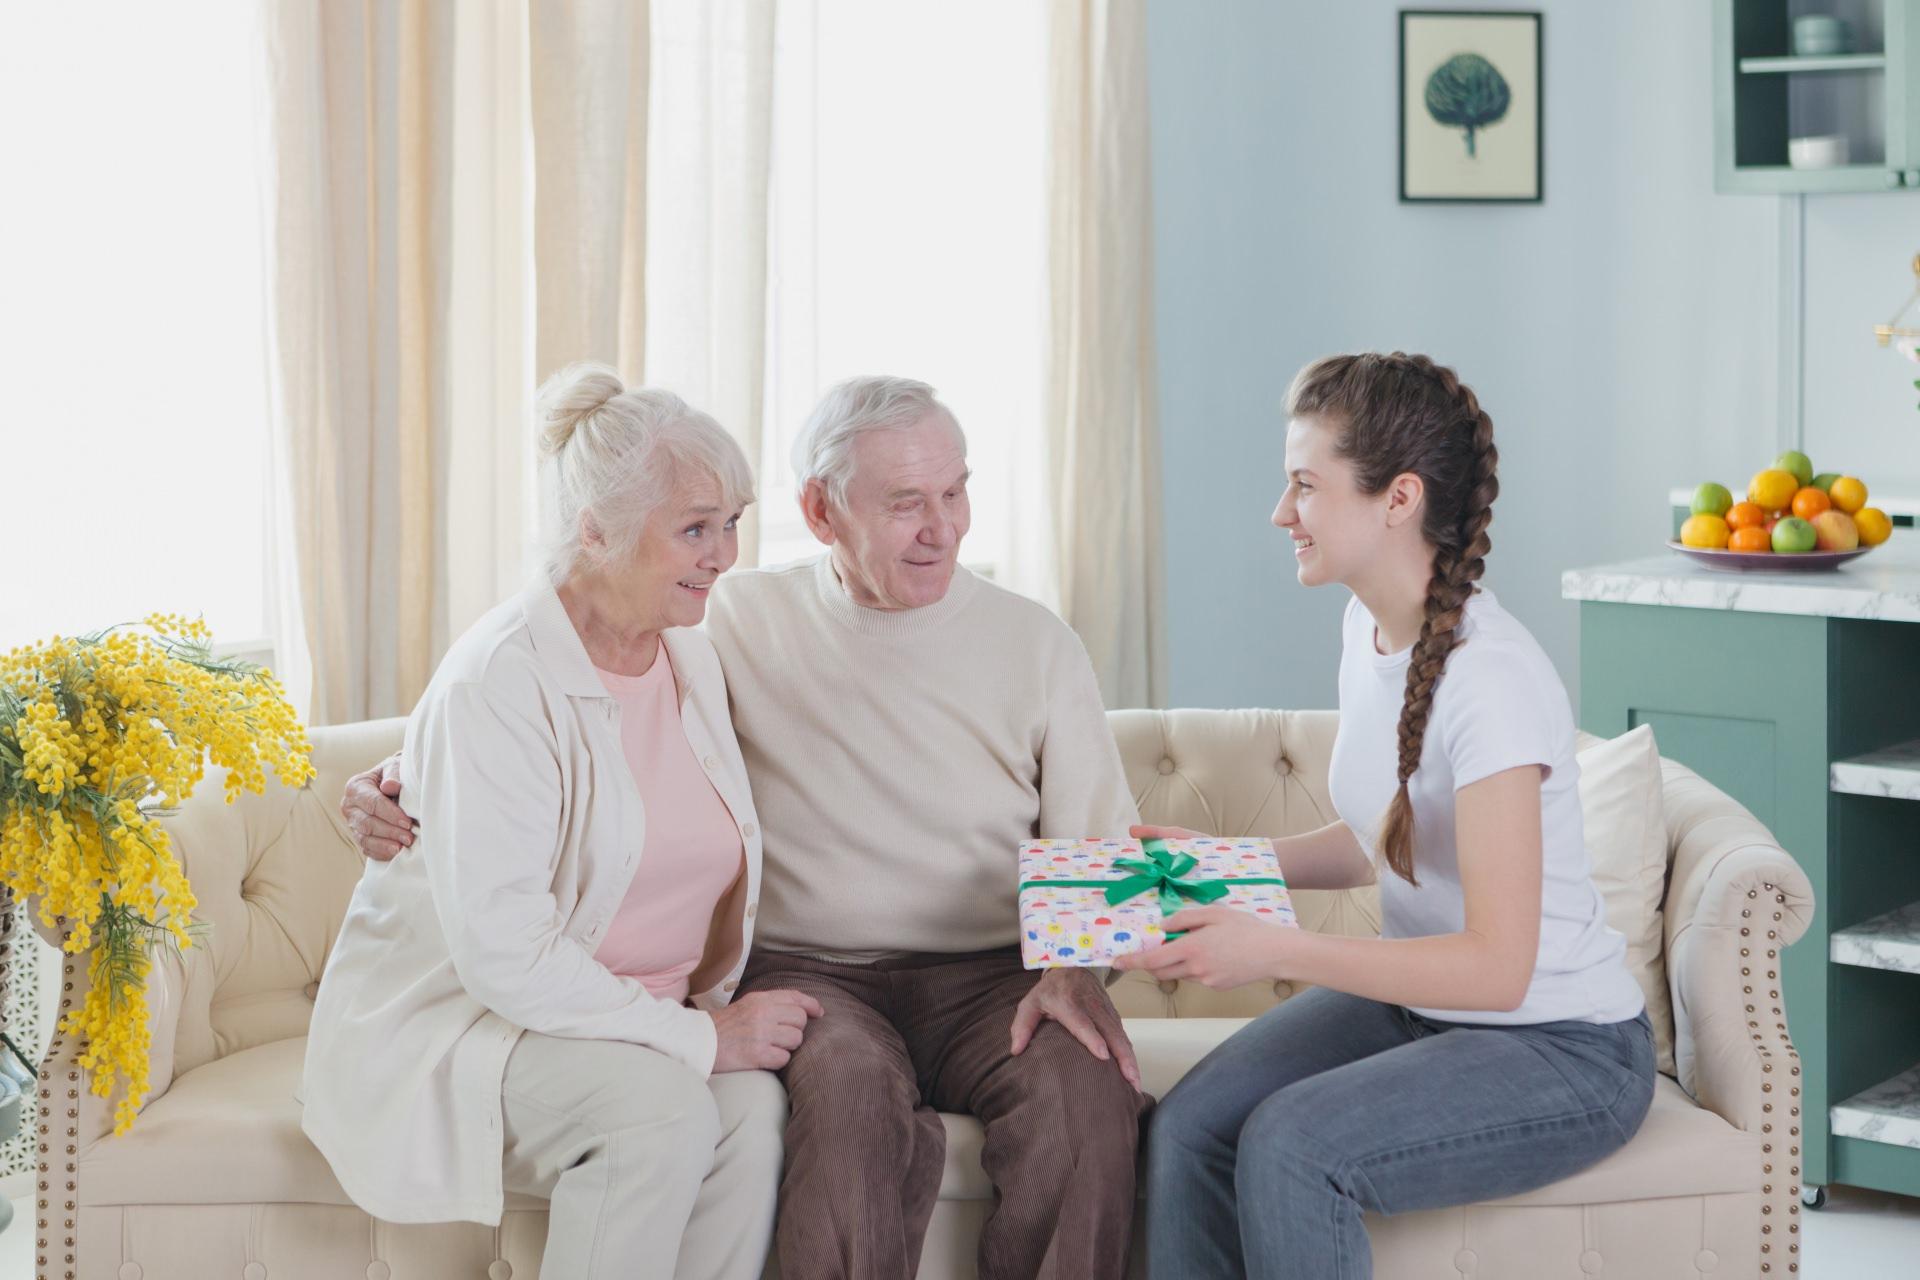 敬老の日にはおじいちゃん・おばあちゃんが喜ぶギフトをプレゼント